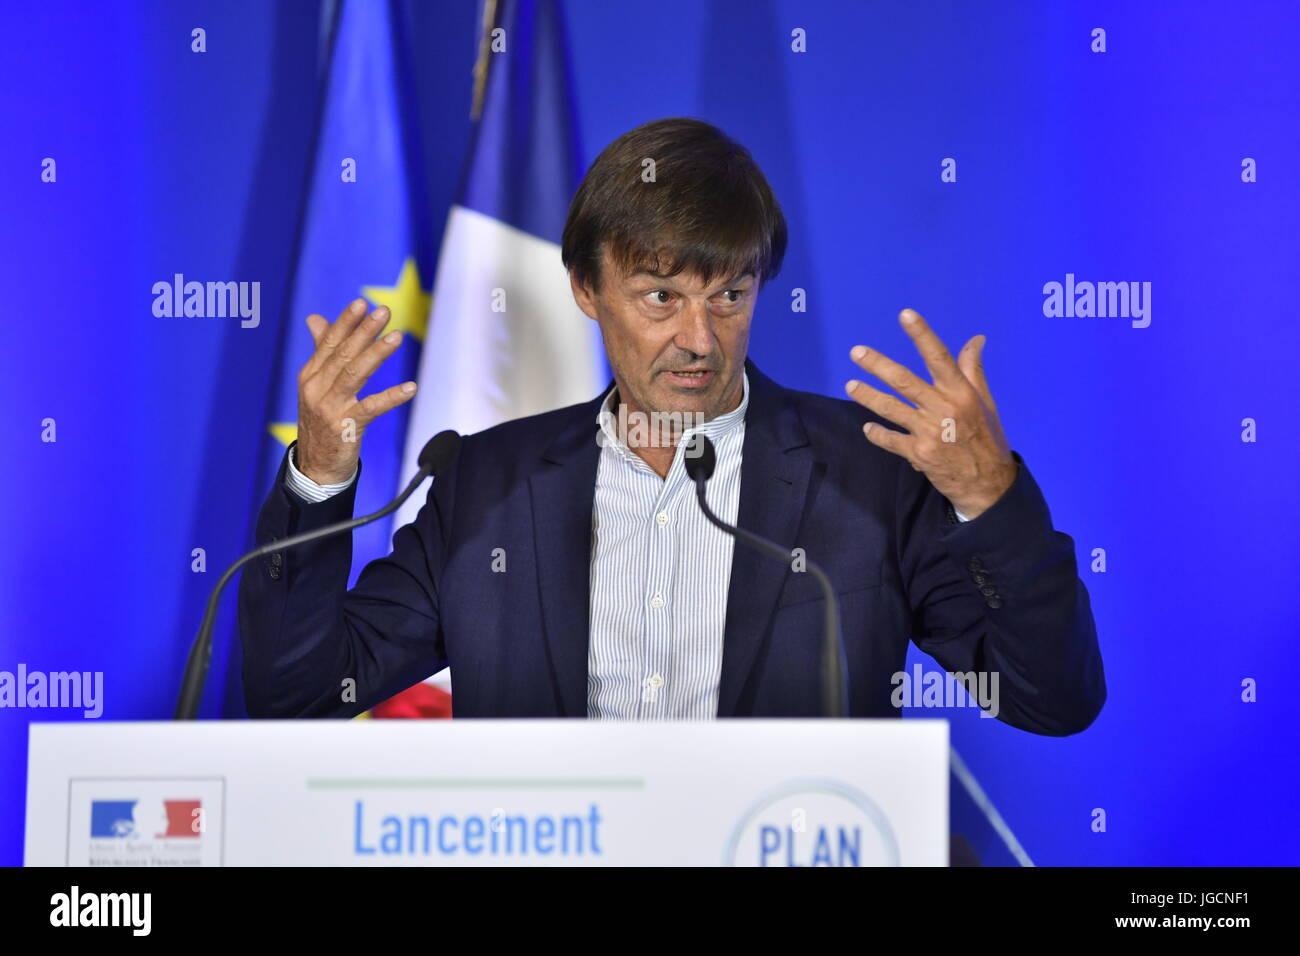 Paris, France. 06th July, 2017. Julien Mattia/Le Pictorium - Climate Plan Presentation by Nicolas Hulot - 06/07/2017 - Stock Image